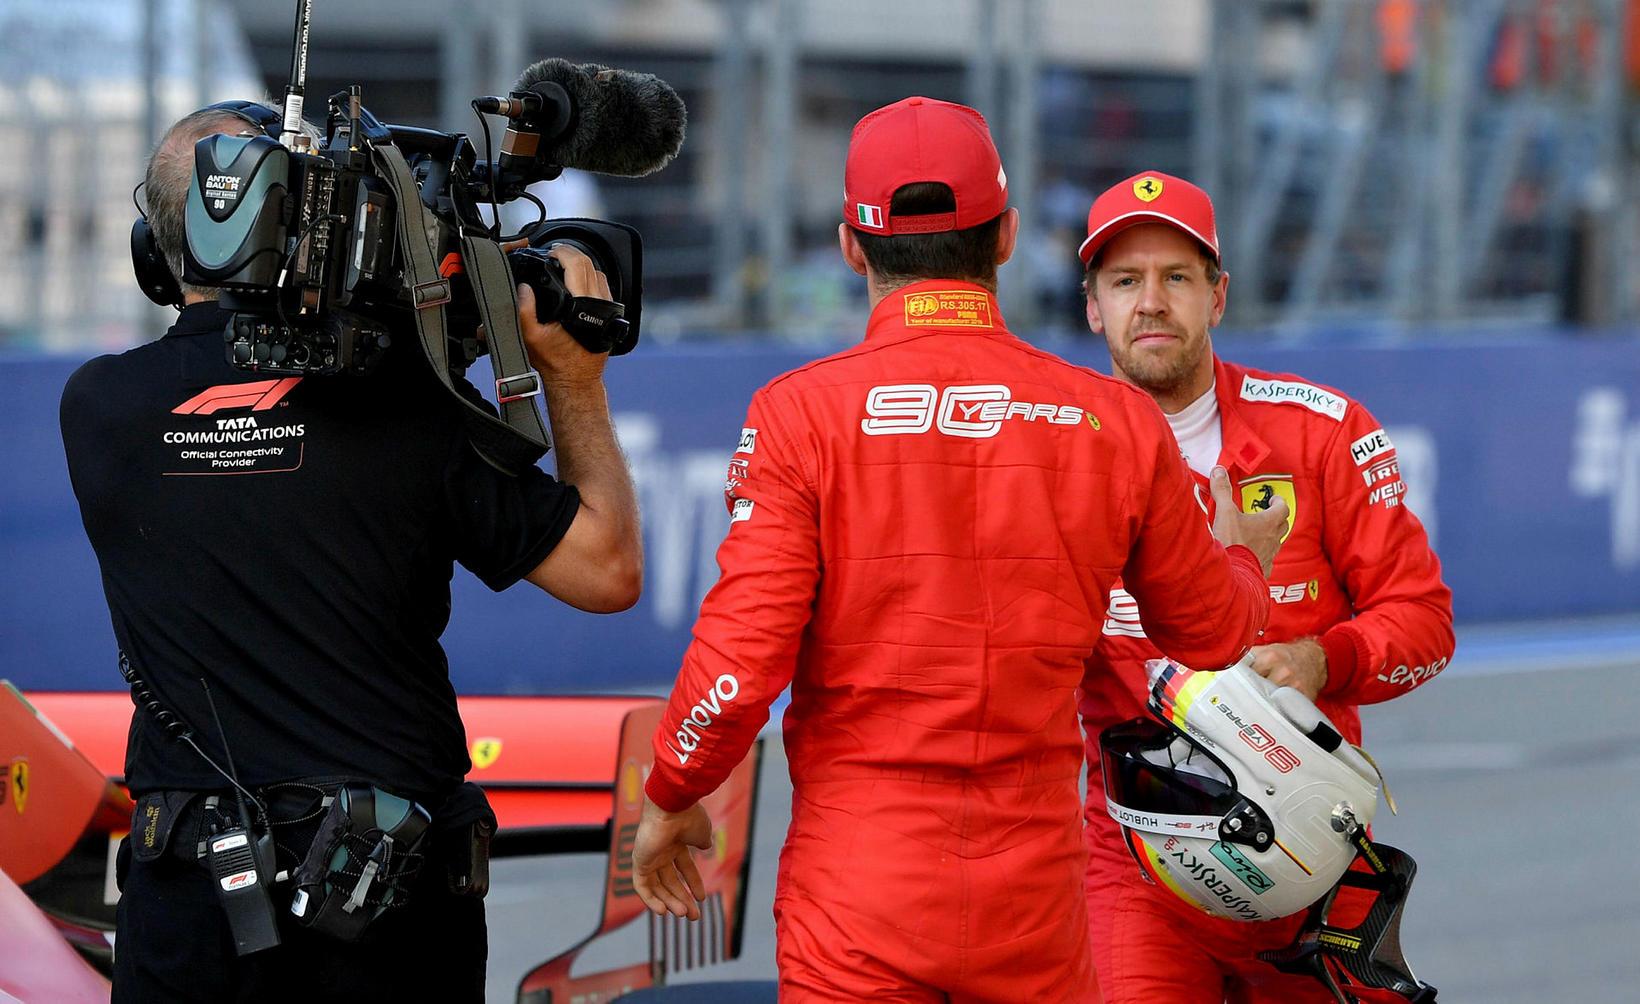 Ferrarifélagarnir takast í hendur eftir tímatökuna í Sotsjí.